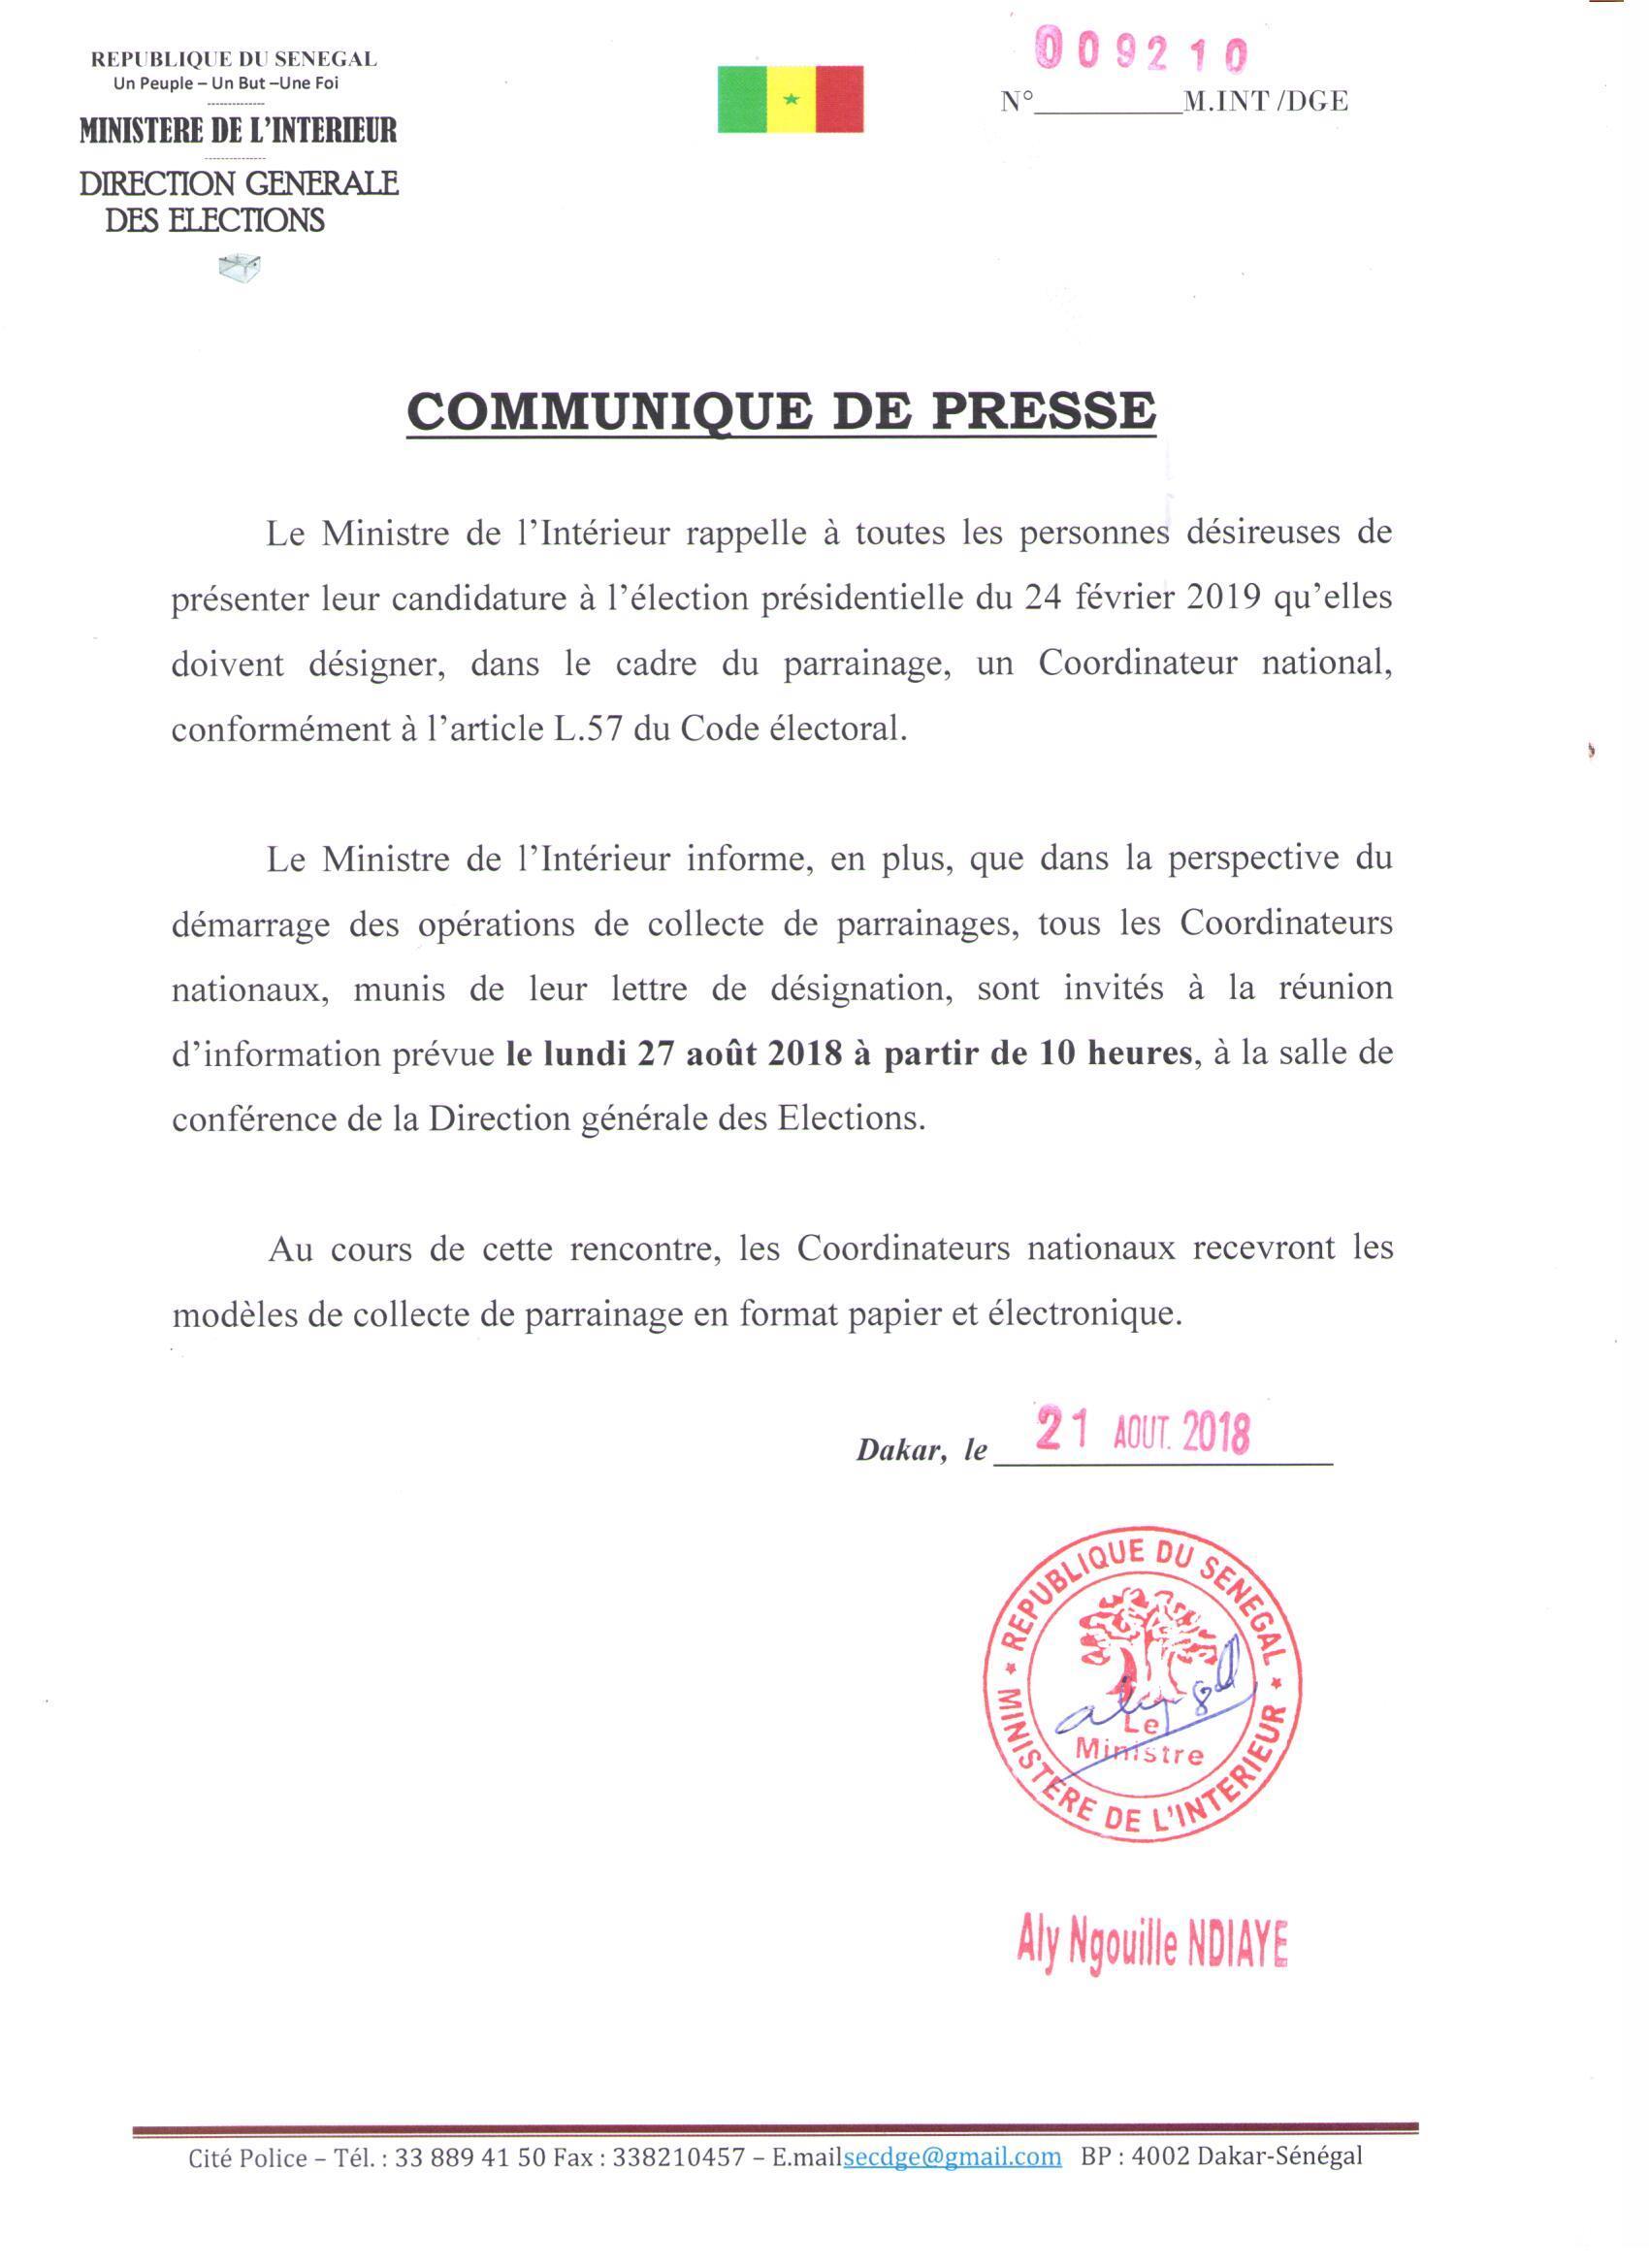 Parrainage : Le Ministre de l'Intérieur invite les personnes désireuses de prendre part à la présidentielle de 2019 à désigner leurs Coordonnateurs nationaux